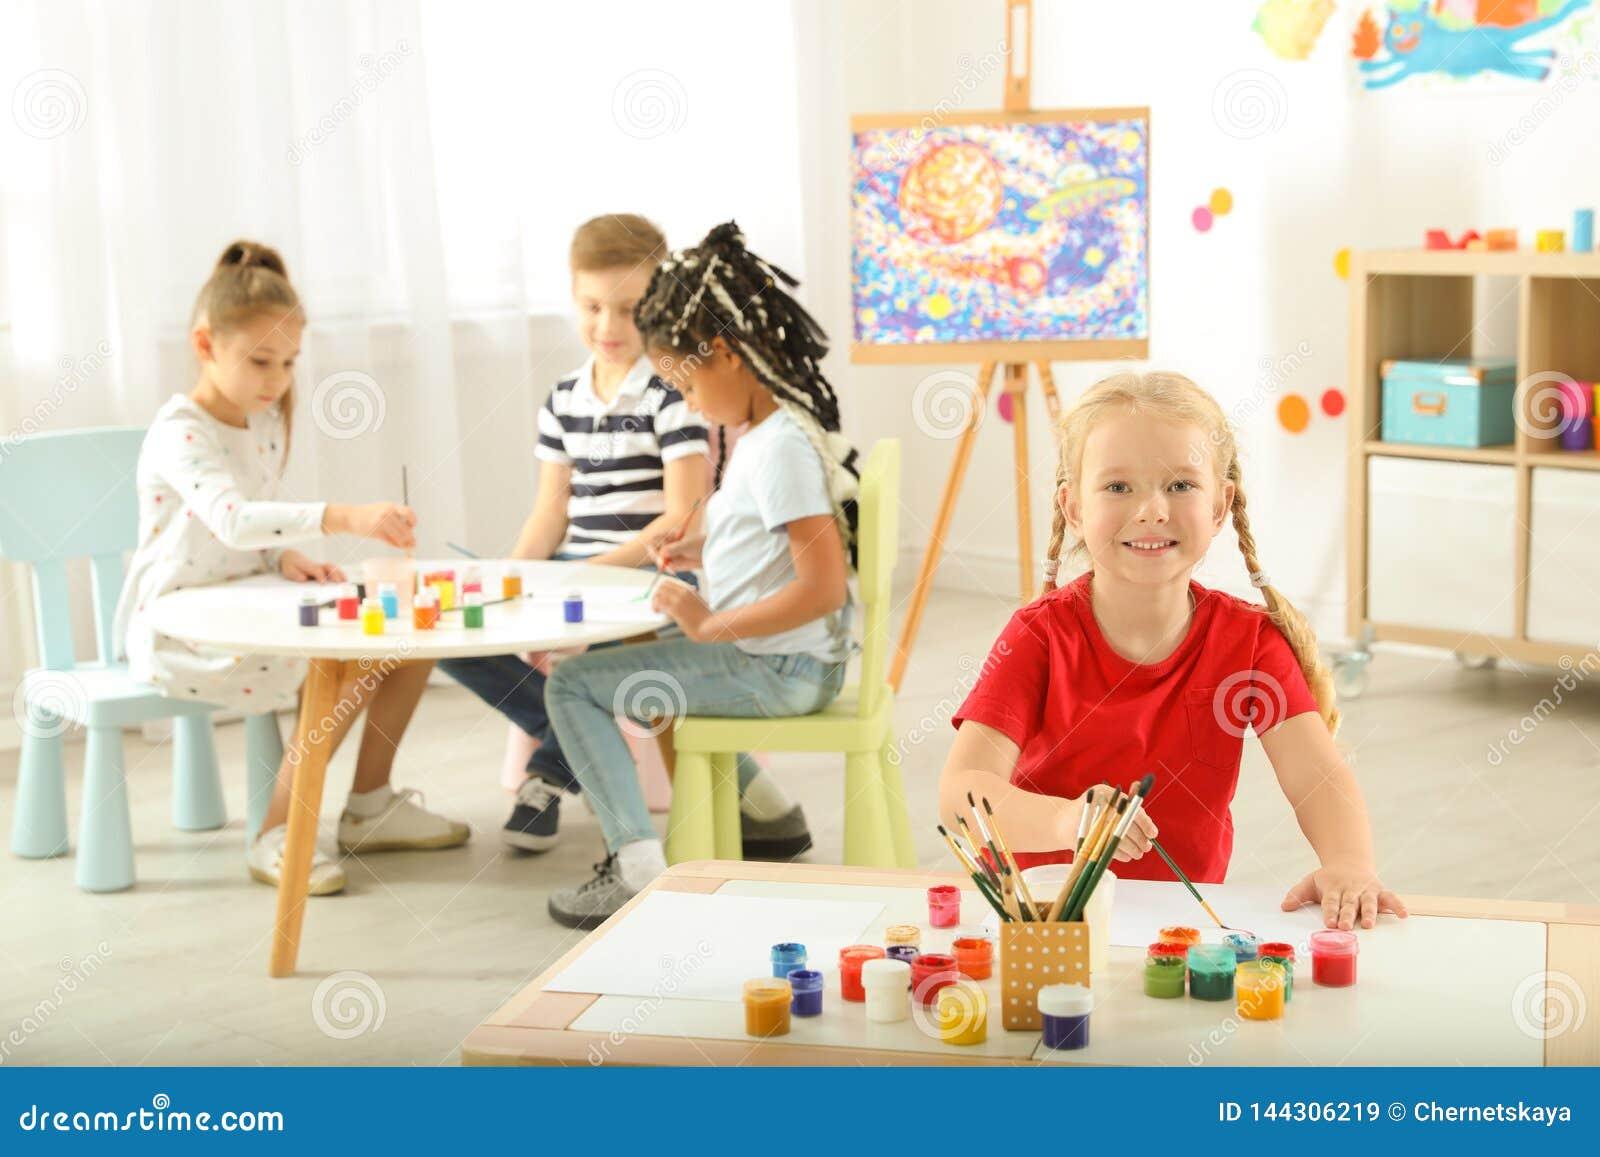 Милая картина маленьких детей на уроке